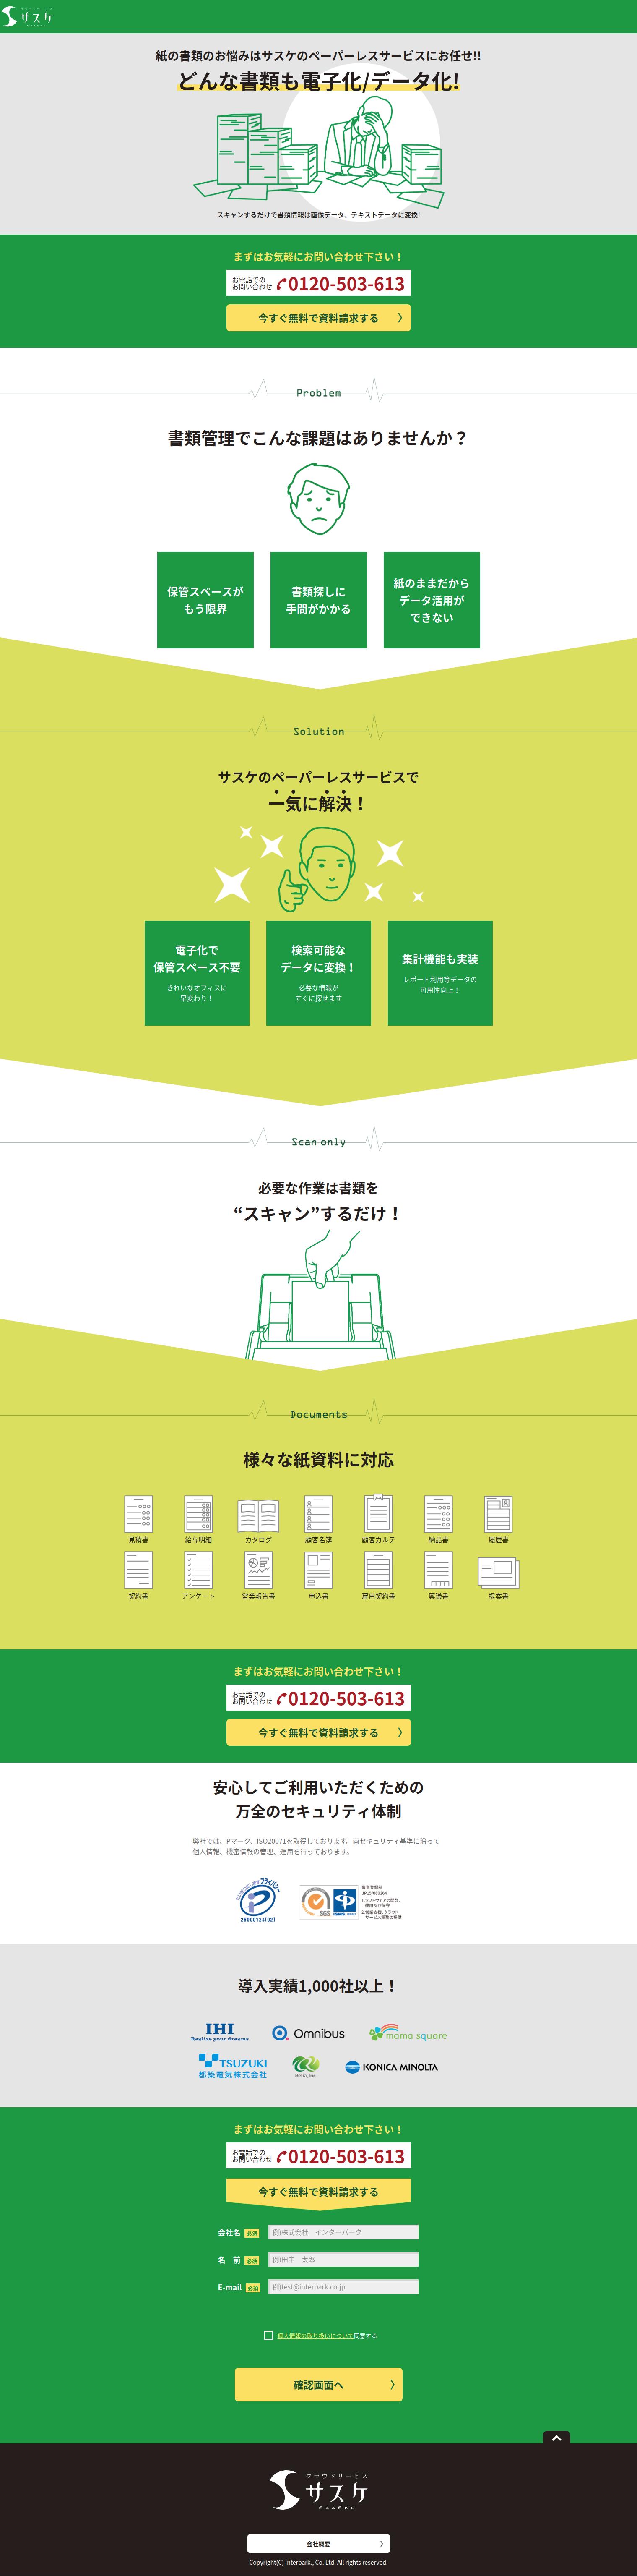 Web Lp おしゃれまとめの人気アイデア Pinterest Gume Megt Lp デザイン 提案書 履歴書